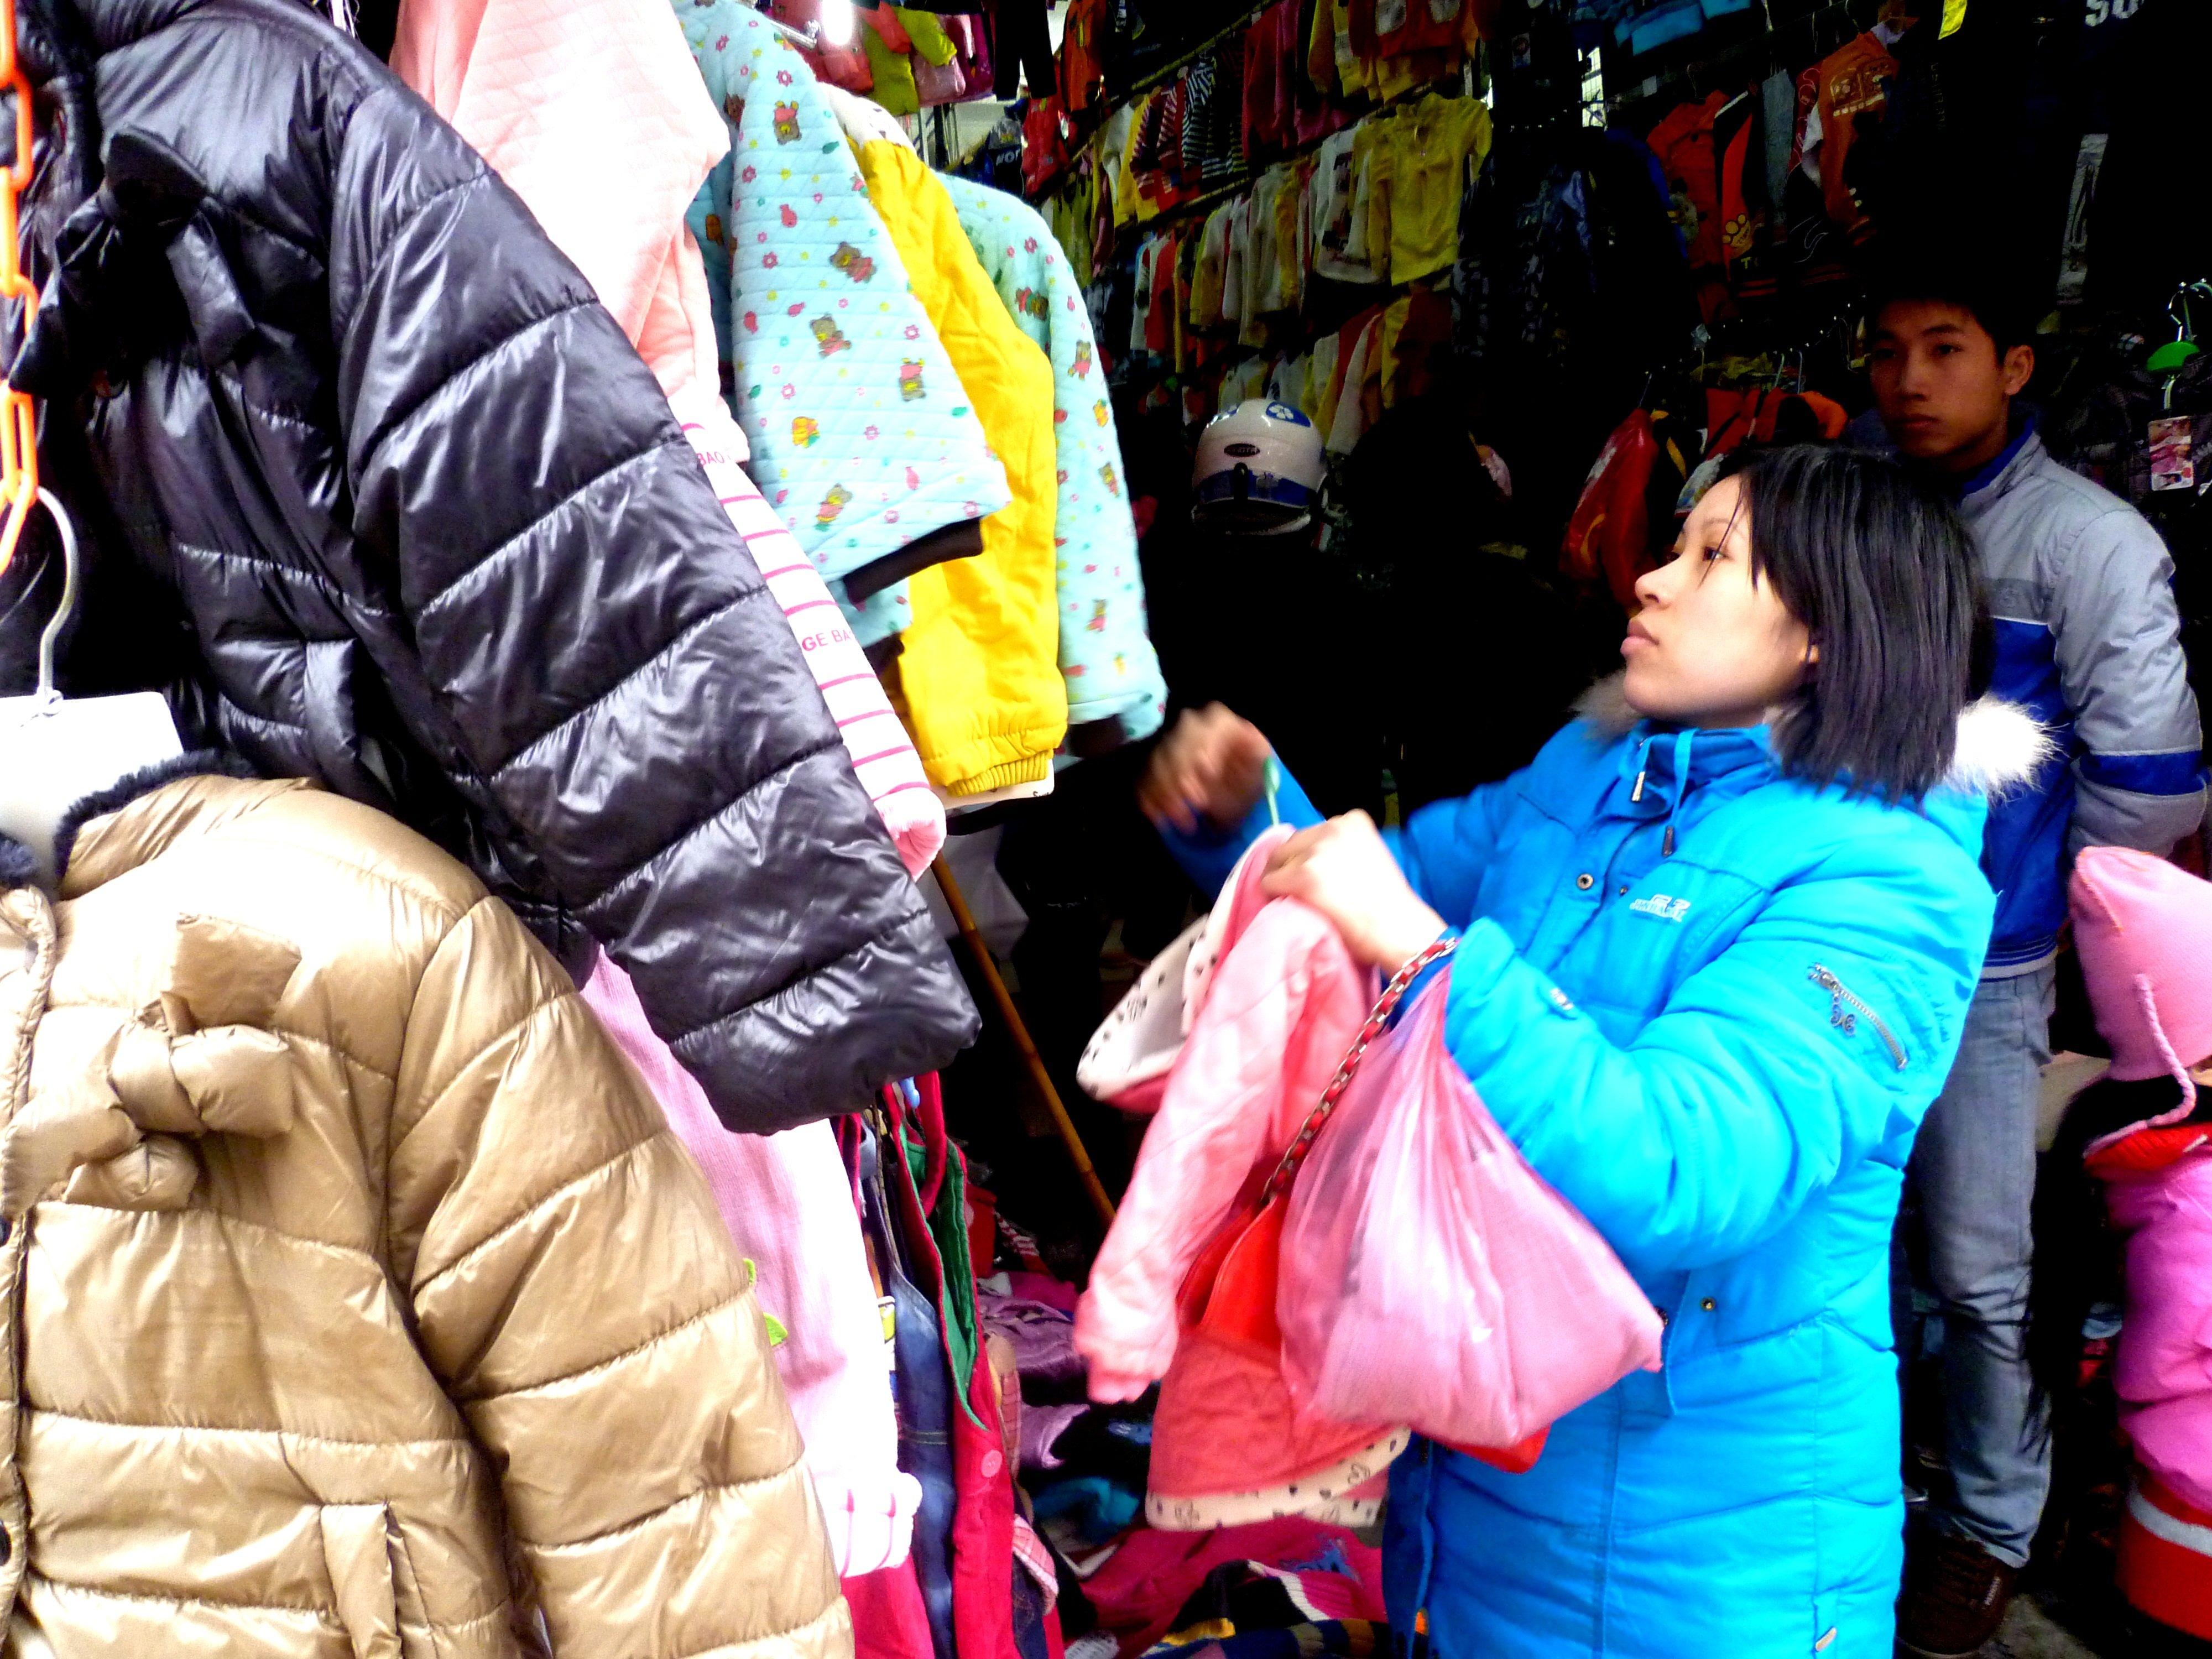 Hình ảnh Cuối năm: Vào chợ đầu mối, săn quần áo giá rẻ số 8